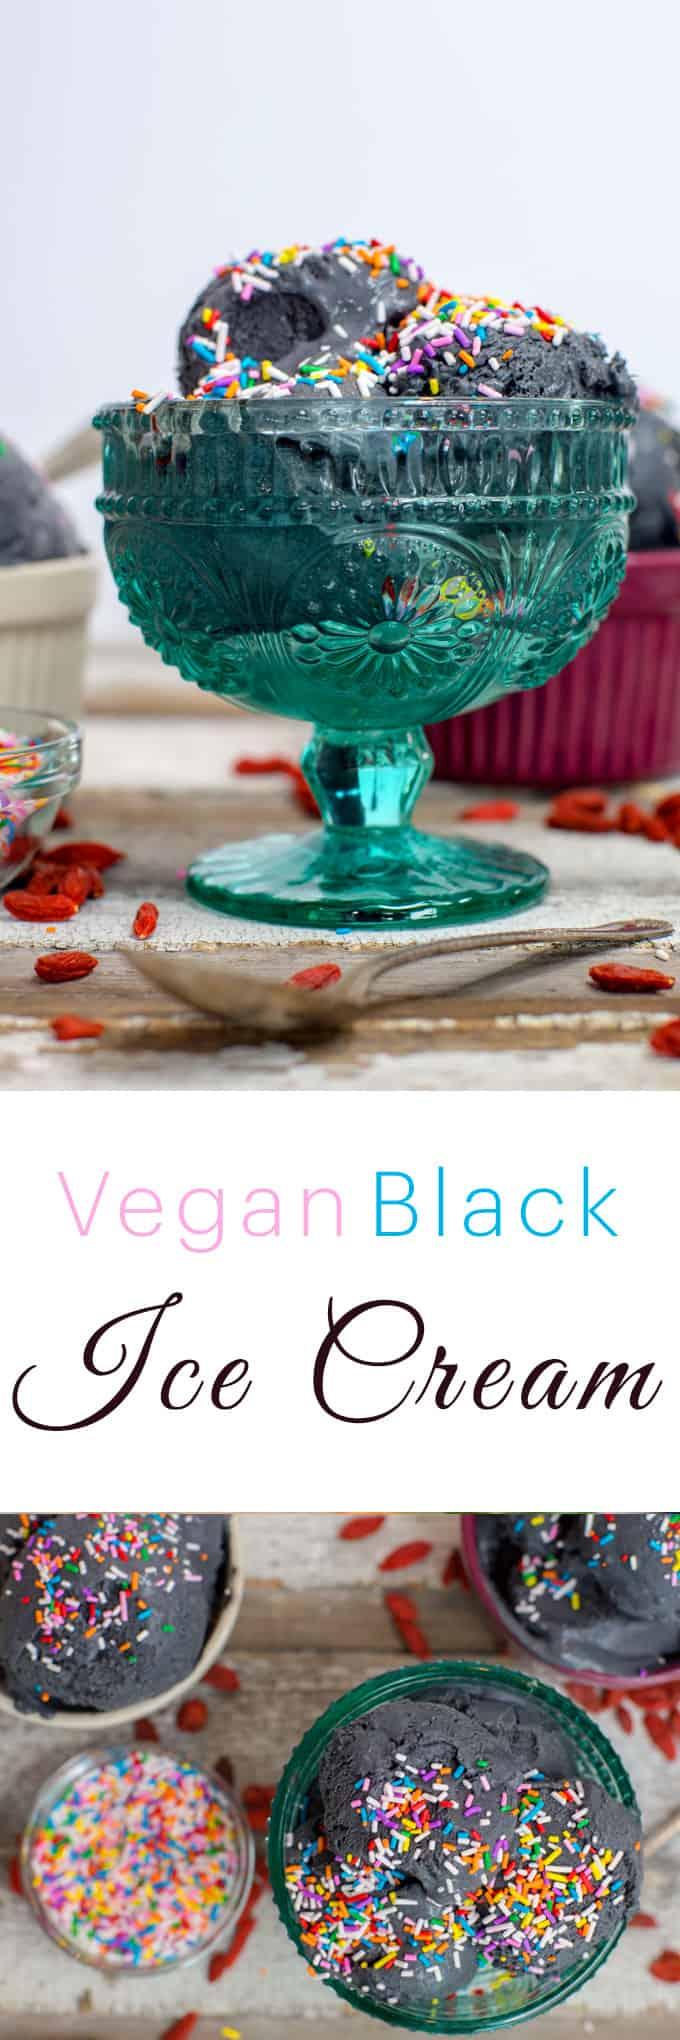 Easy Vegan Pineapple Coconut Ice Cream Recipe | Black Ice Cream | The Edgy Veg